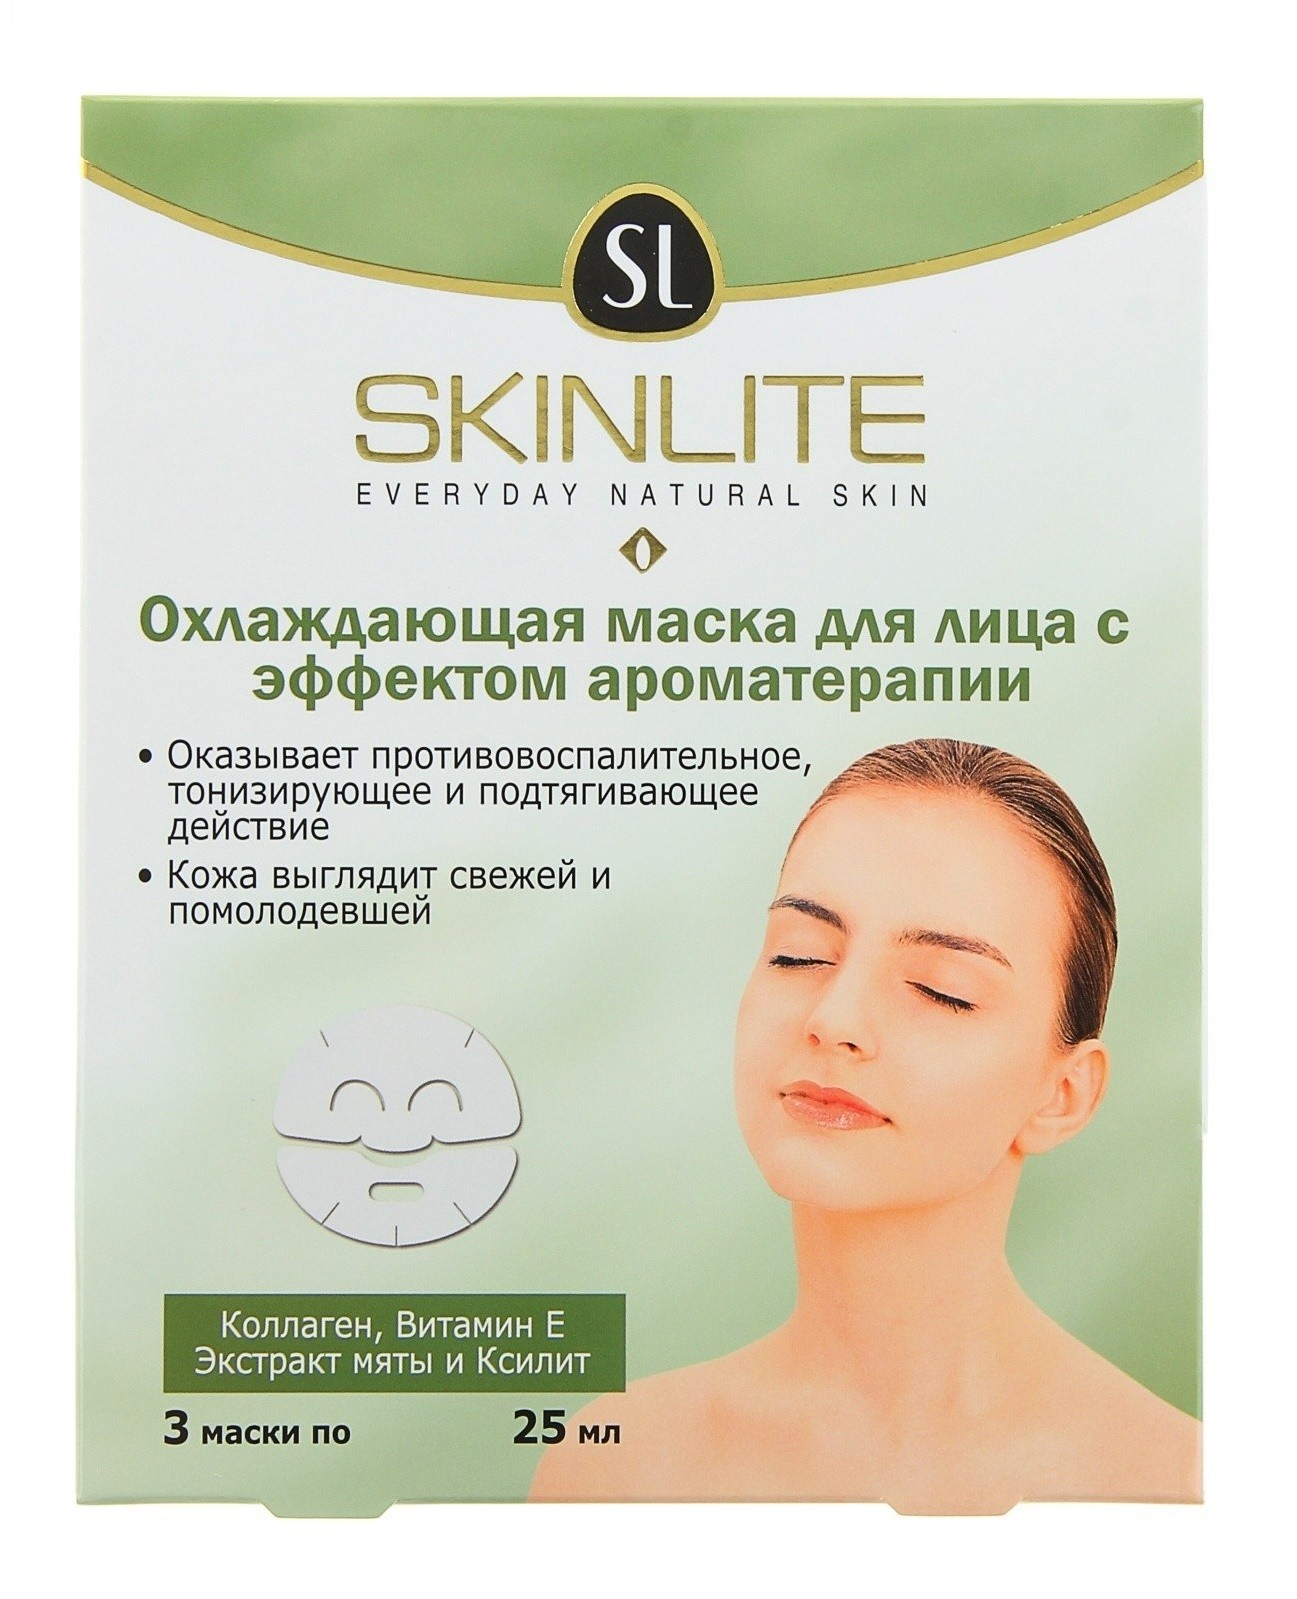 Маска для лица охлаждающая с эффектом ароматерапии Skinlite